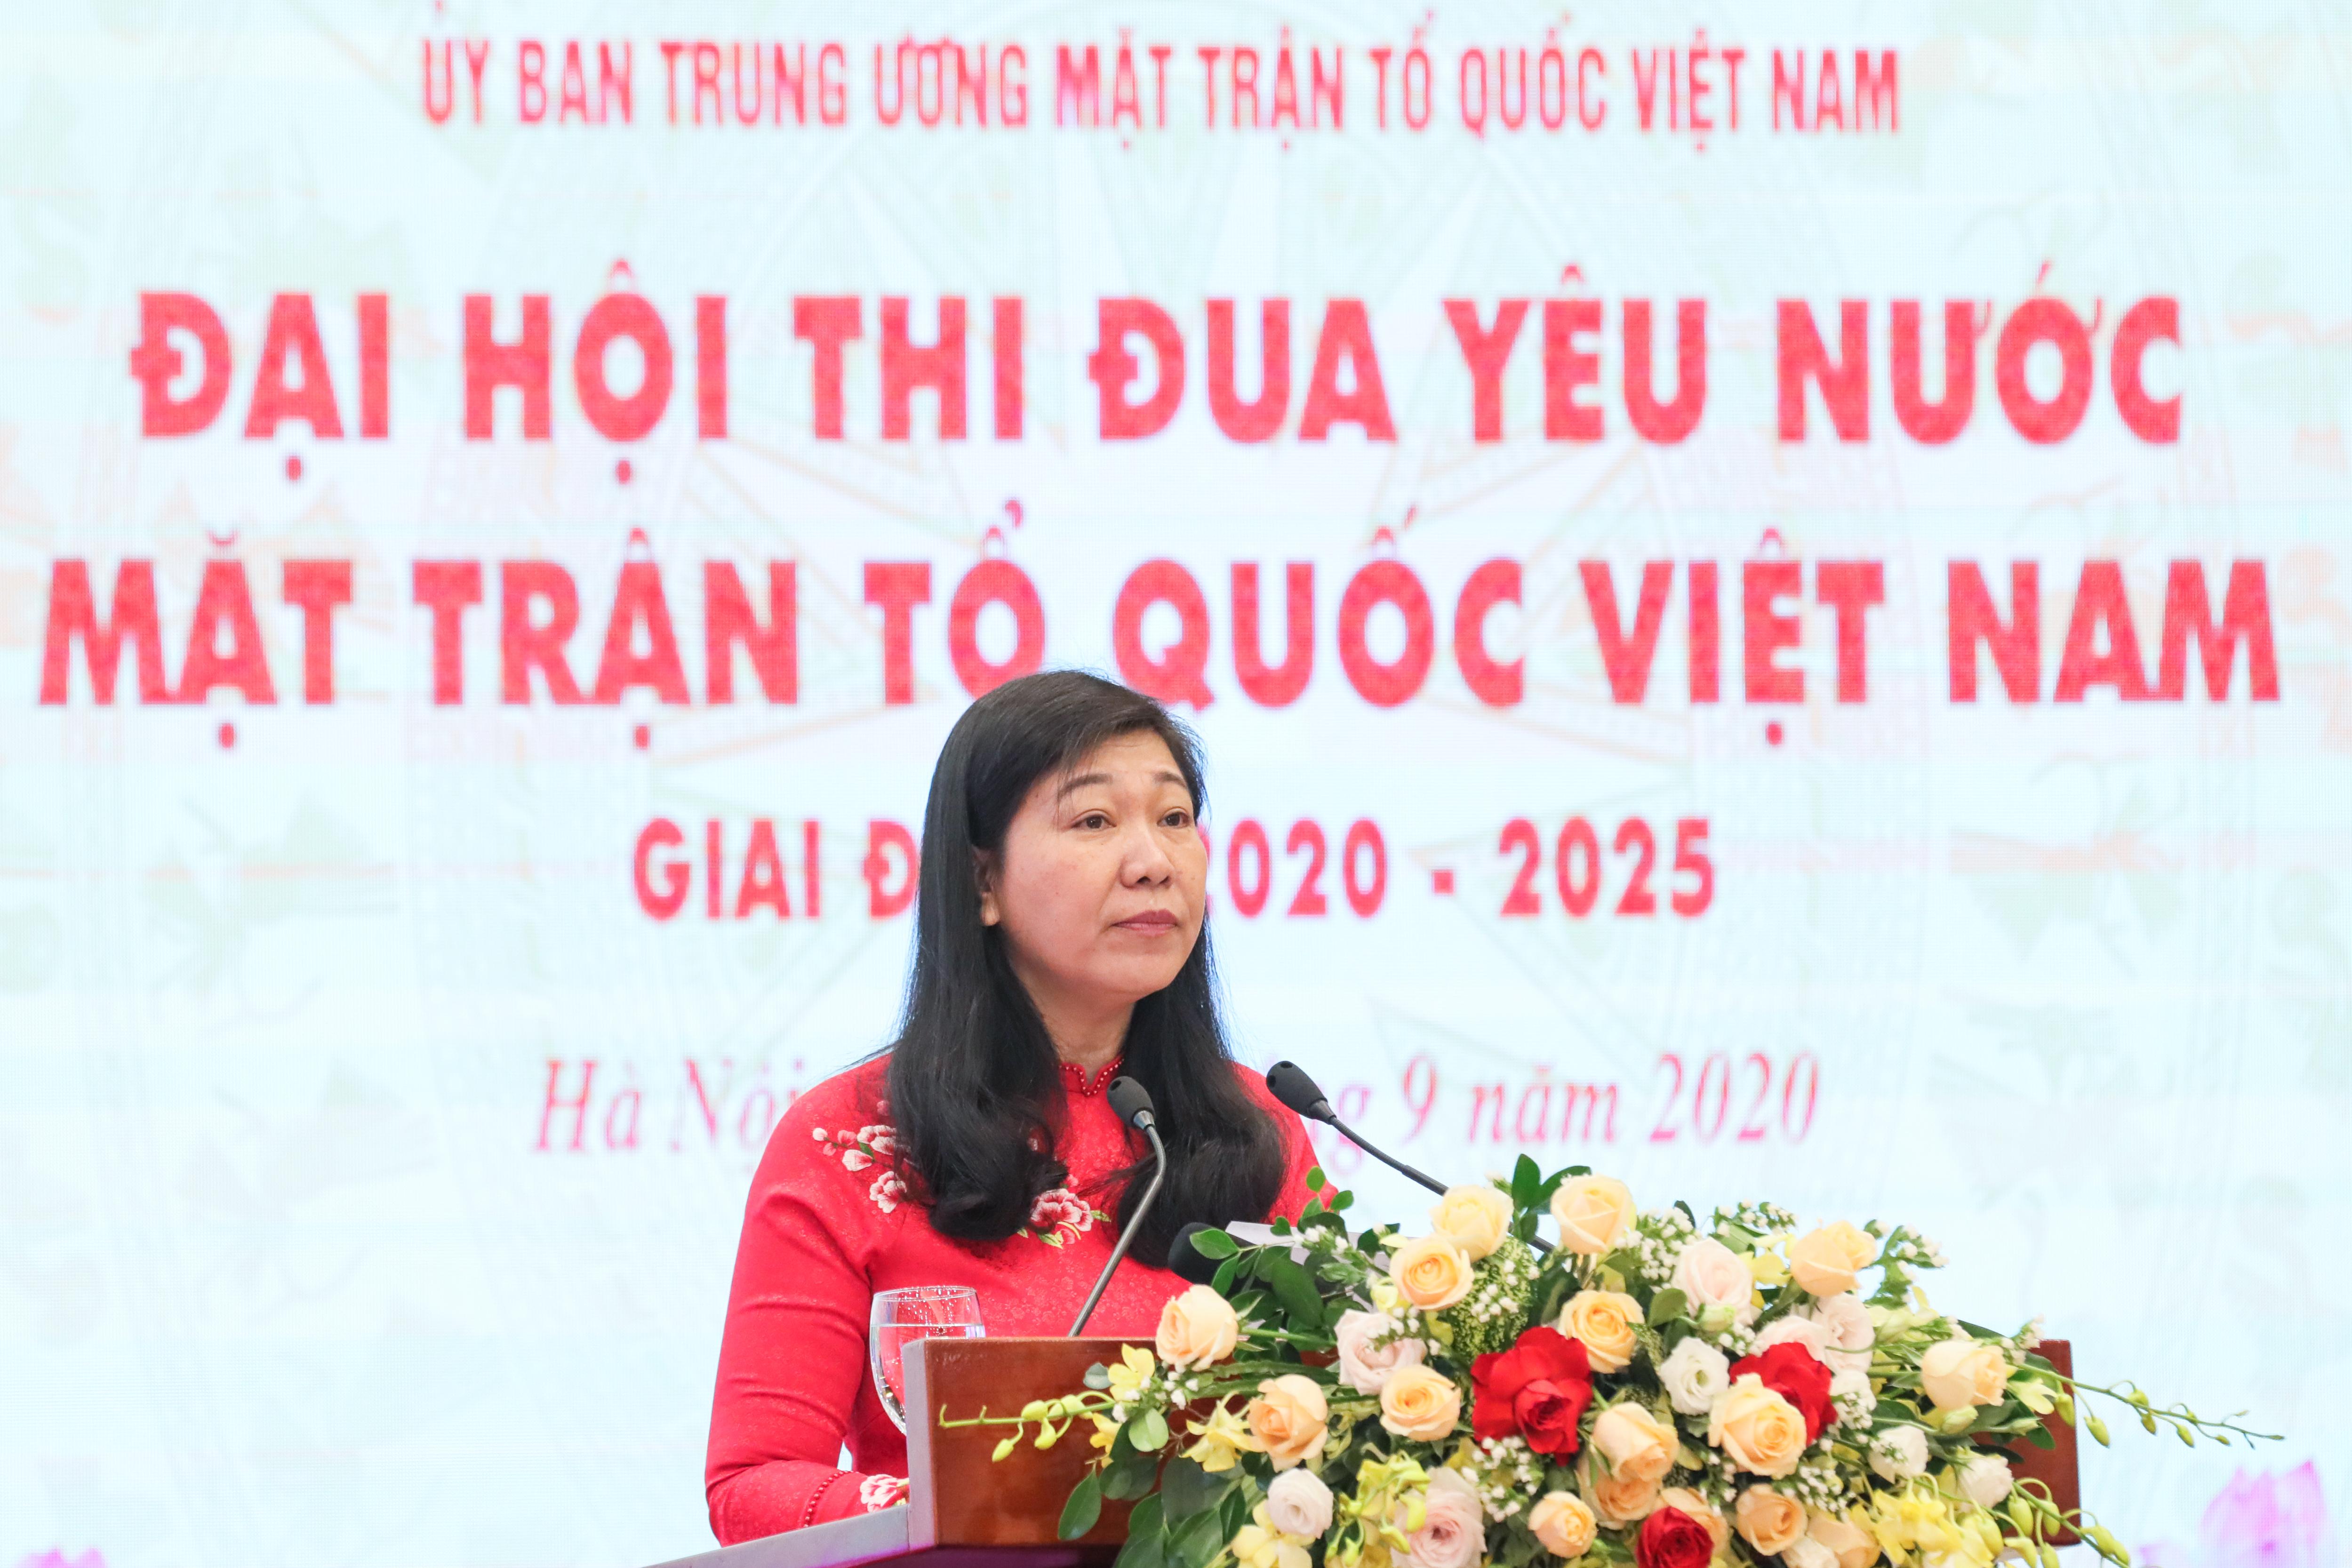 Bà Nguyễn Lan Hương, Chủ tịch Ủy ban MTTQ Việt Nam thành phố Hà Nội phát biểu.